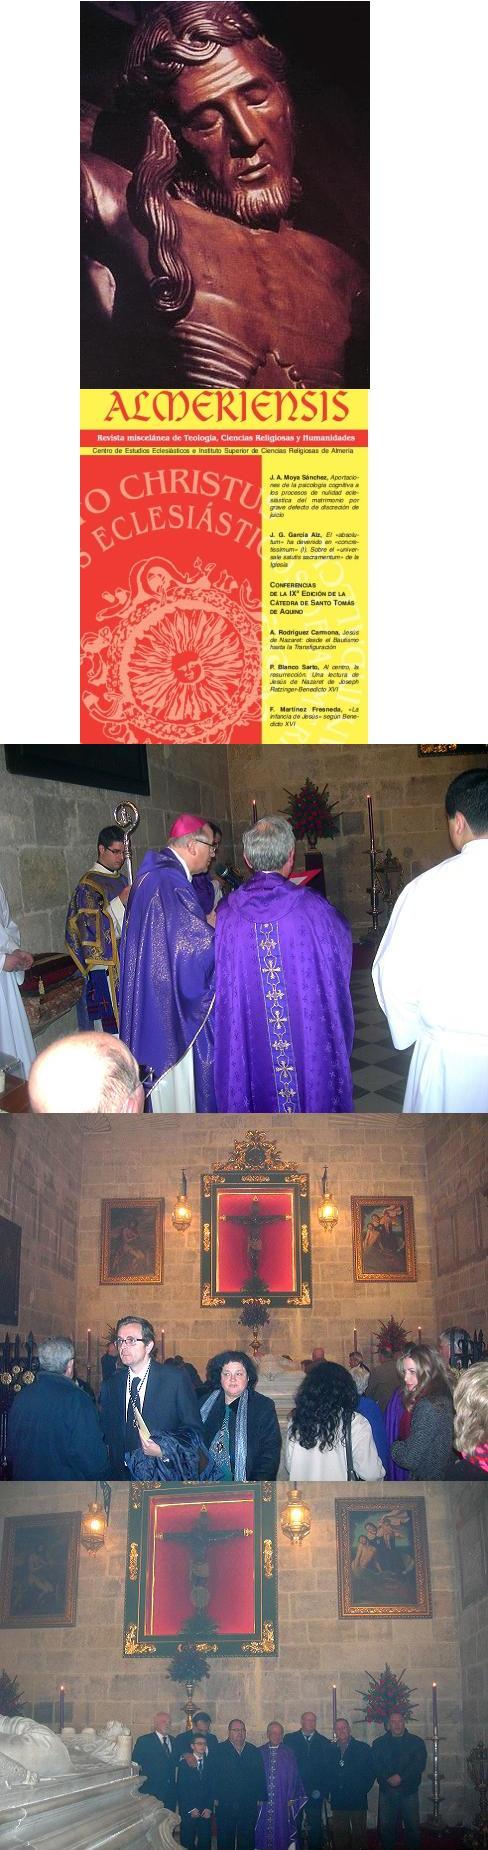 20150221002238-cristo-de-la-escucha-catedral-almeria.jpg